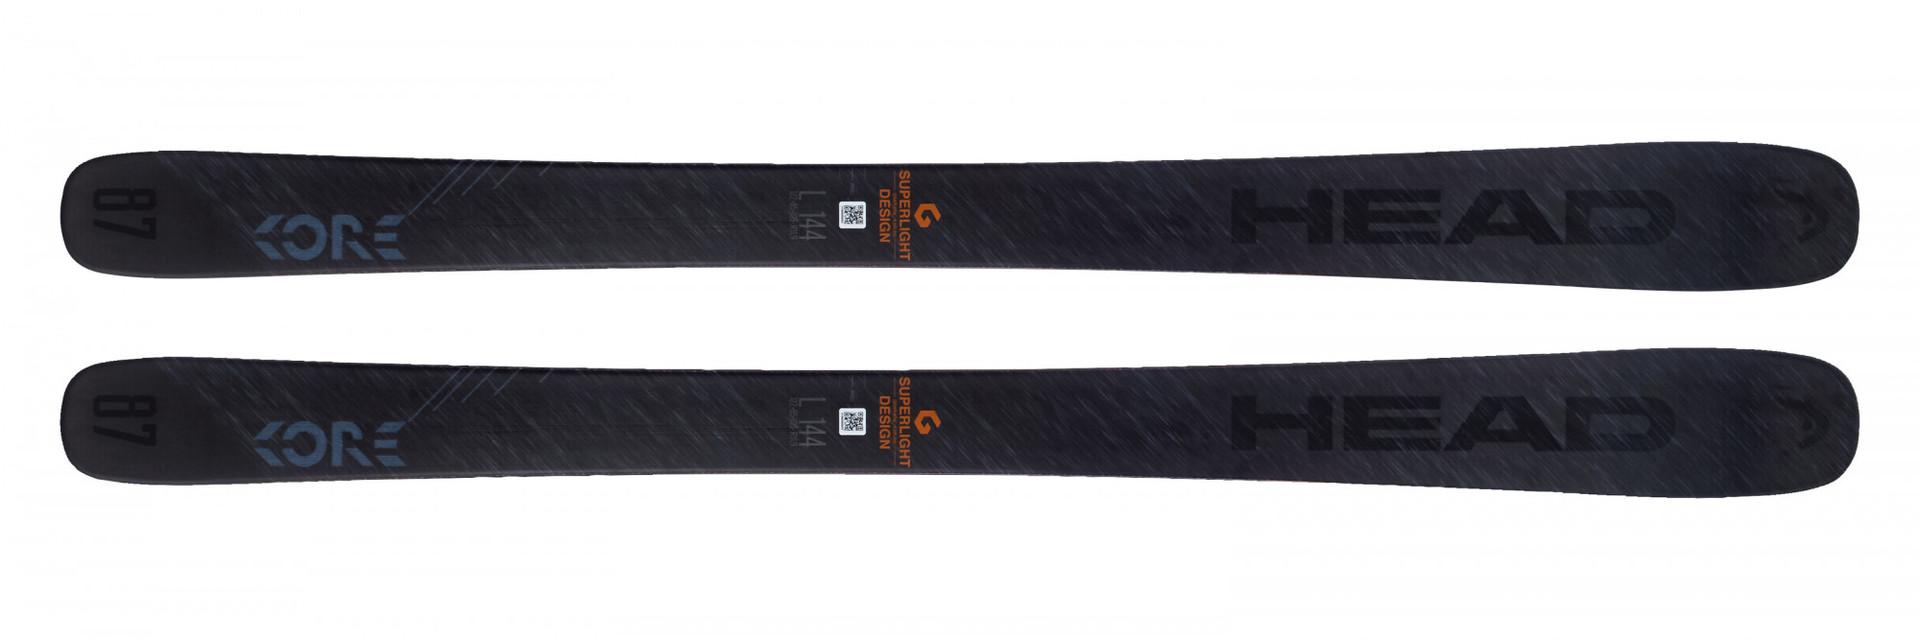 Горные лыжи Head Kore 87 размер 153 (2019)